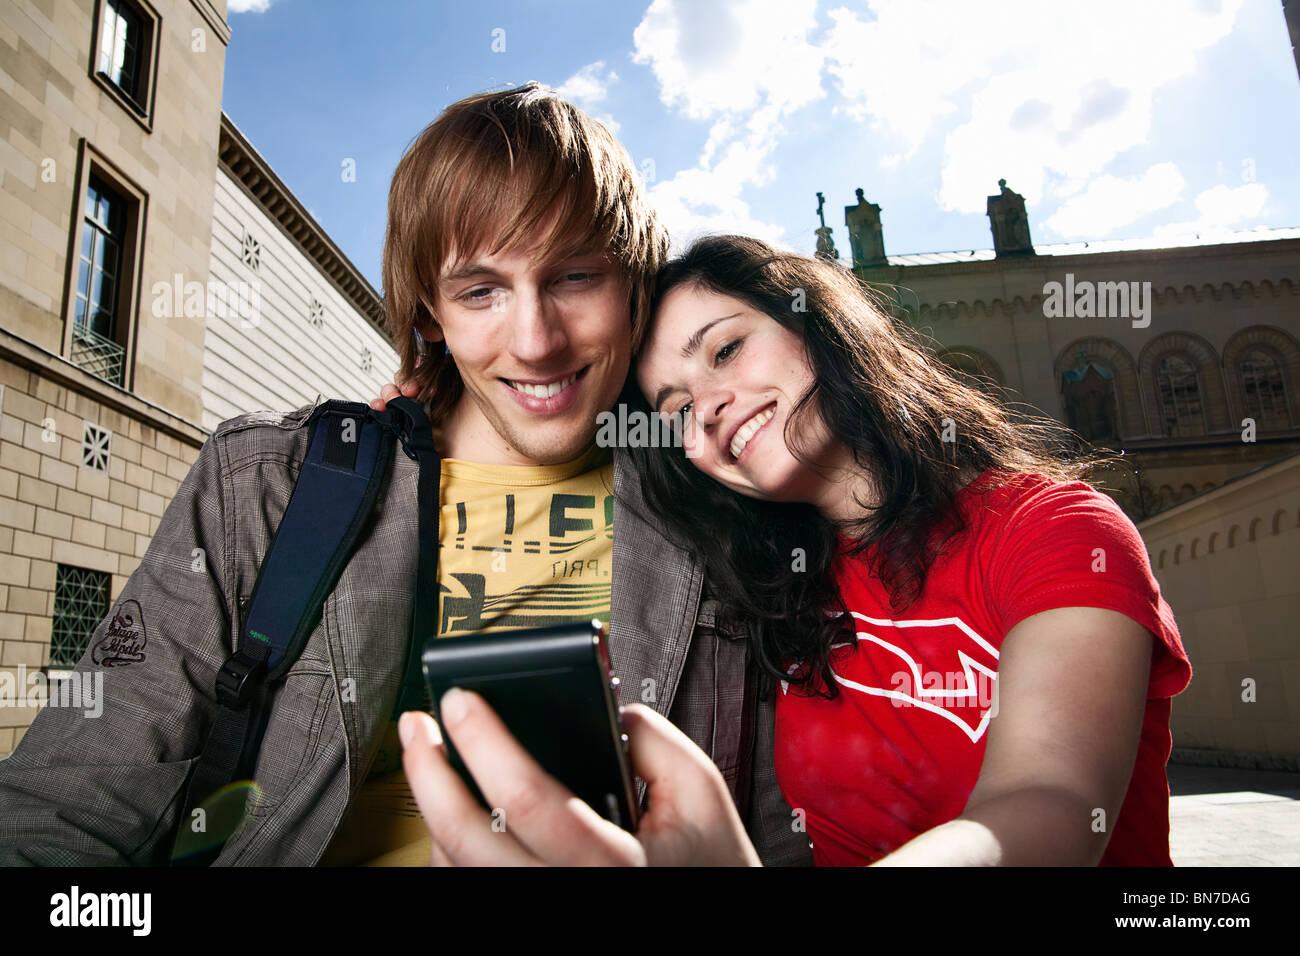 Junge Touristen, die gerne am Handy Stockbild